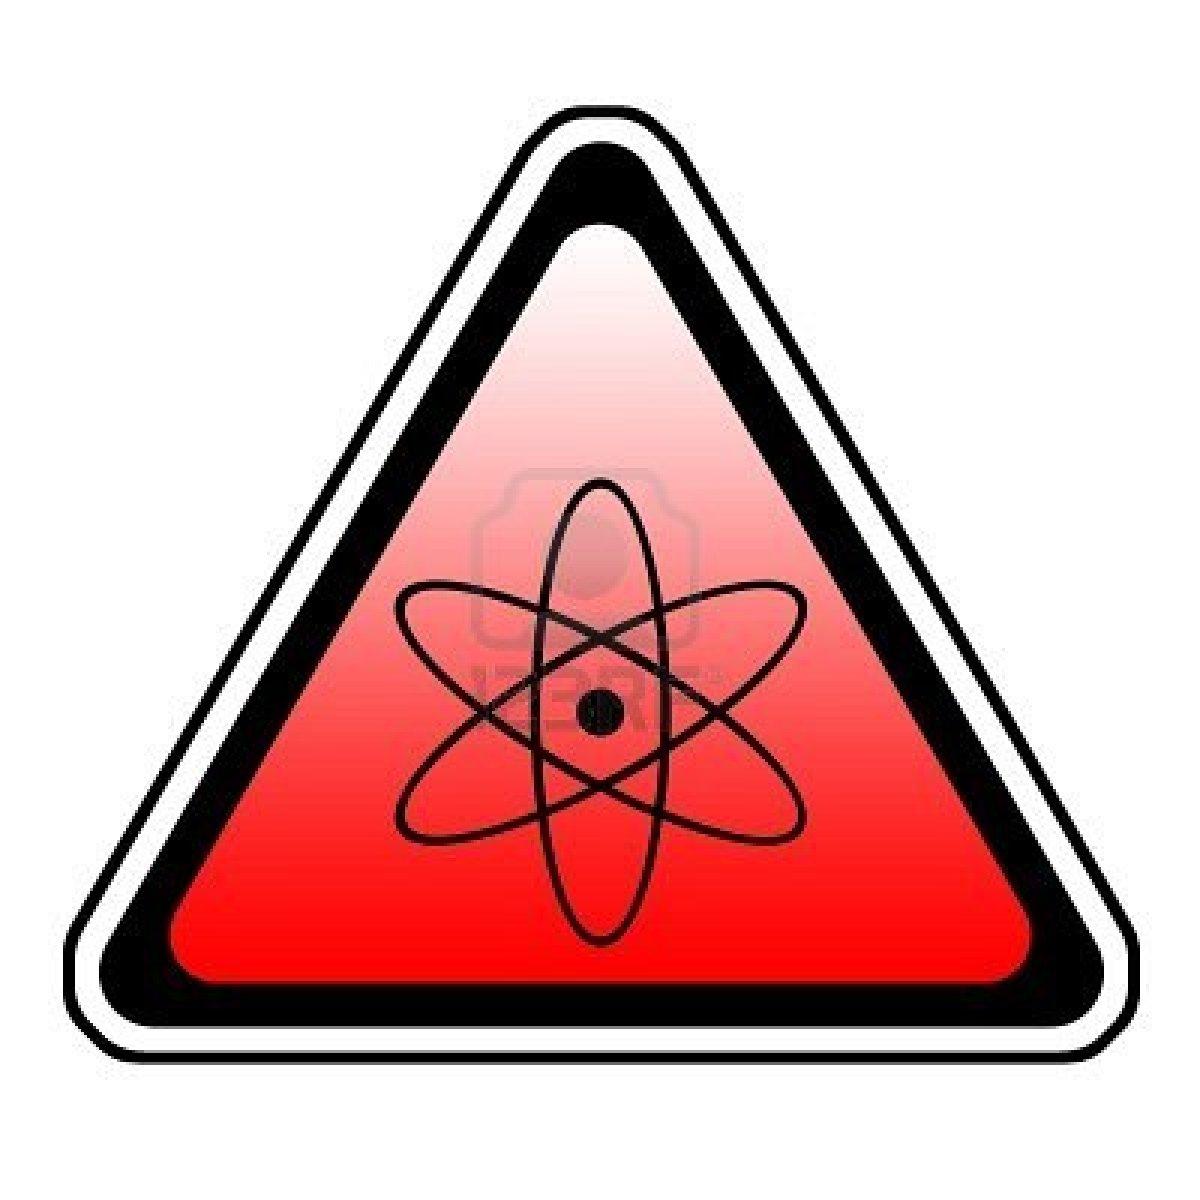 Printable Radiation Warning Symbol